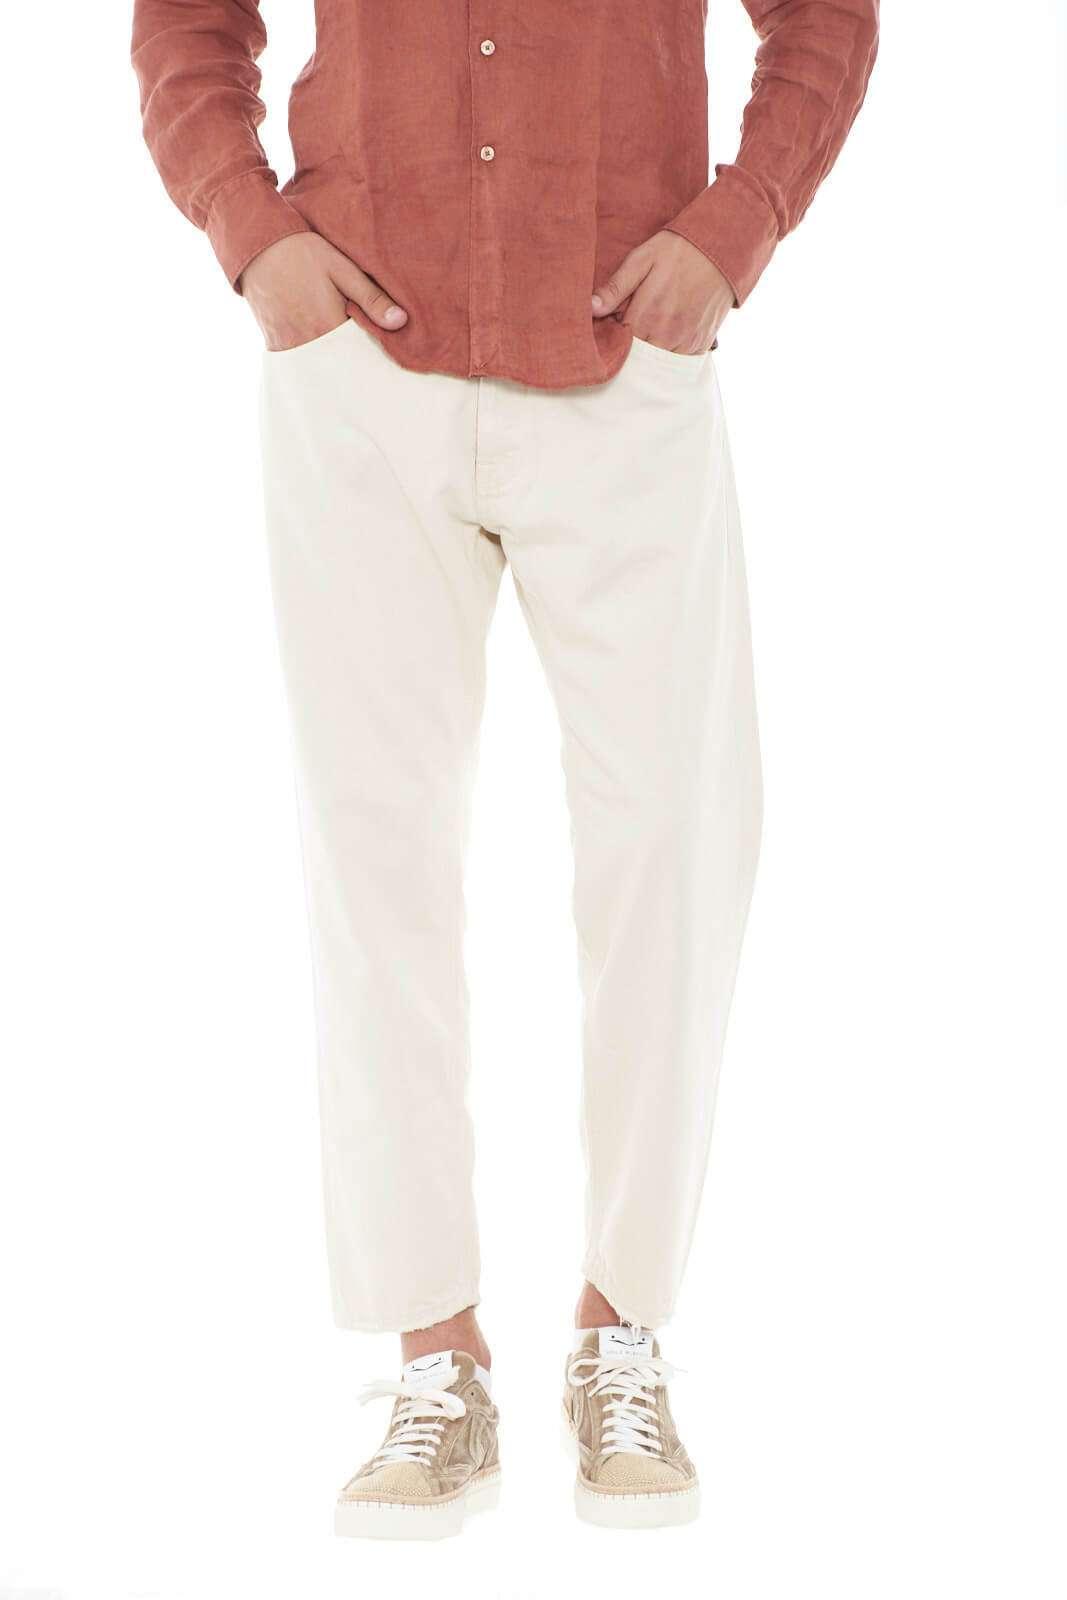 Un pantalone morbido, proposto in un delicato color pastello, il modello MARK 2856 firmato MC Denimerie. Ideale per outfit estivi freschi e leggeri, che risulteranno comodi e ricchi di stile. Perfetto per le tue occasioni più spensierate.